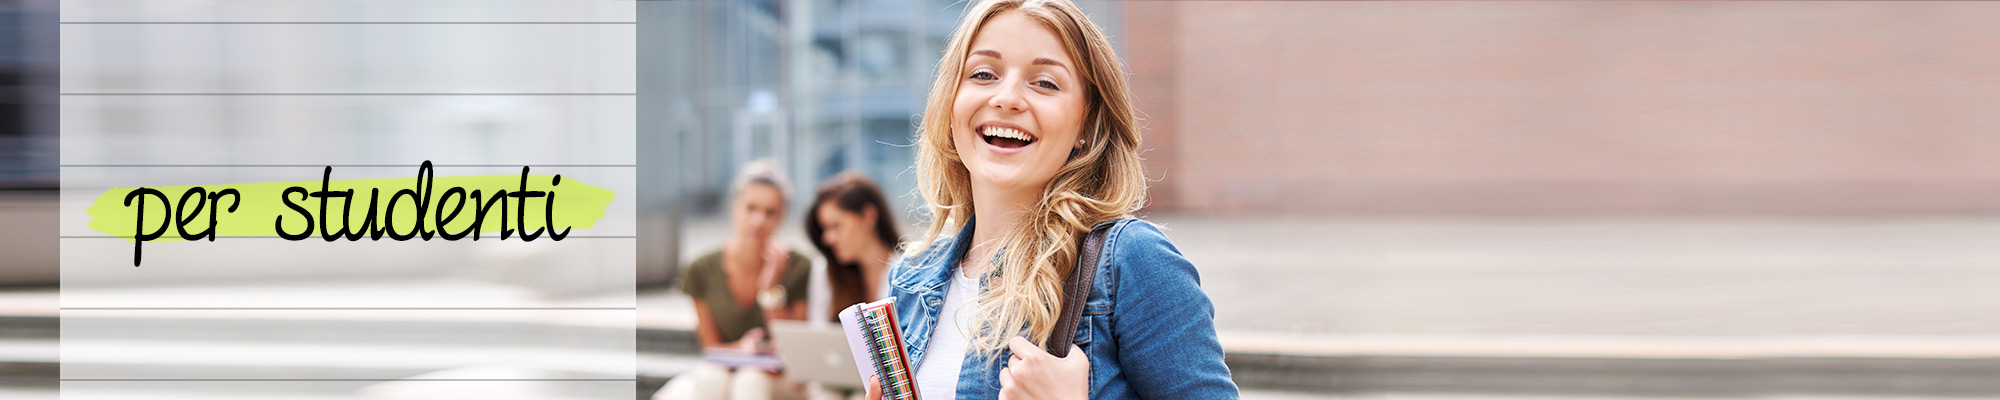 Regali Personalizzati e Gadget Per Studenti